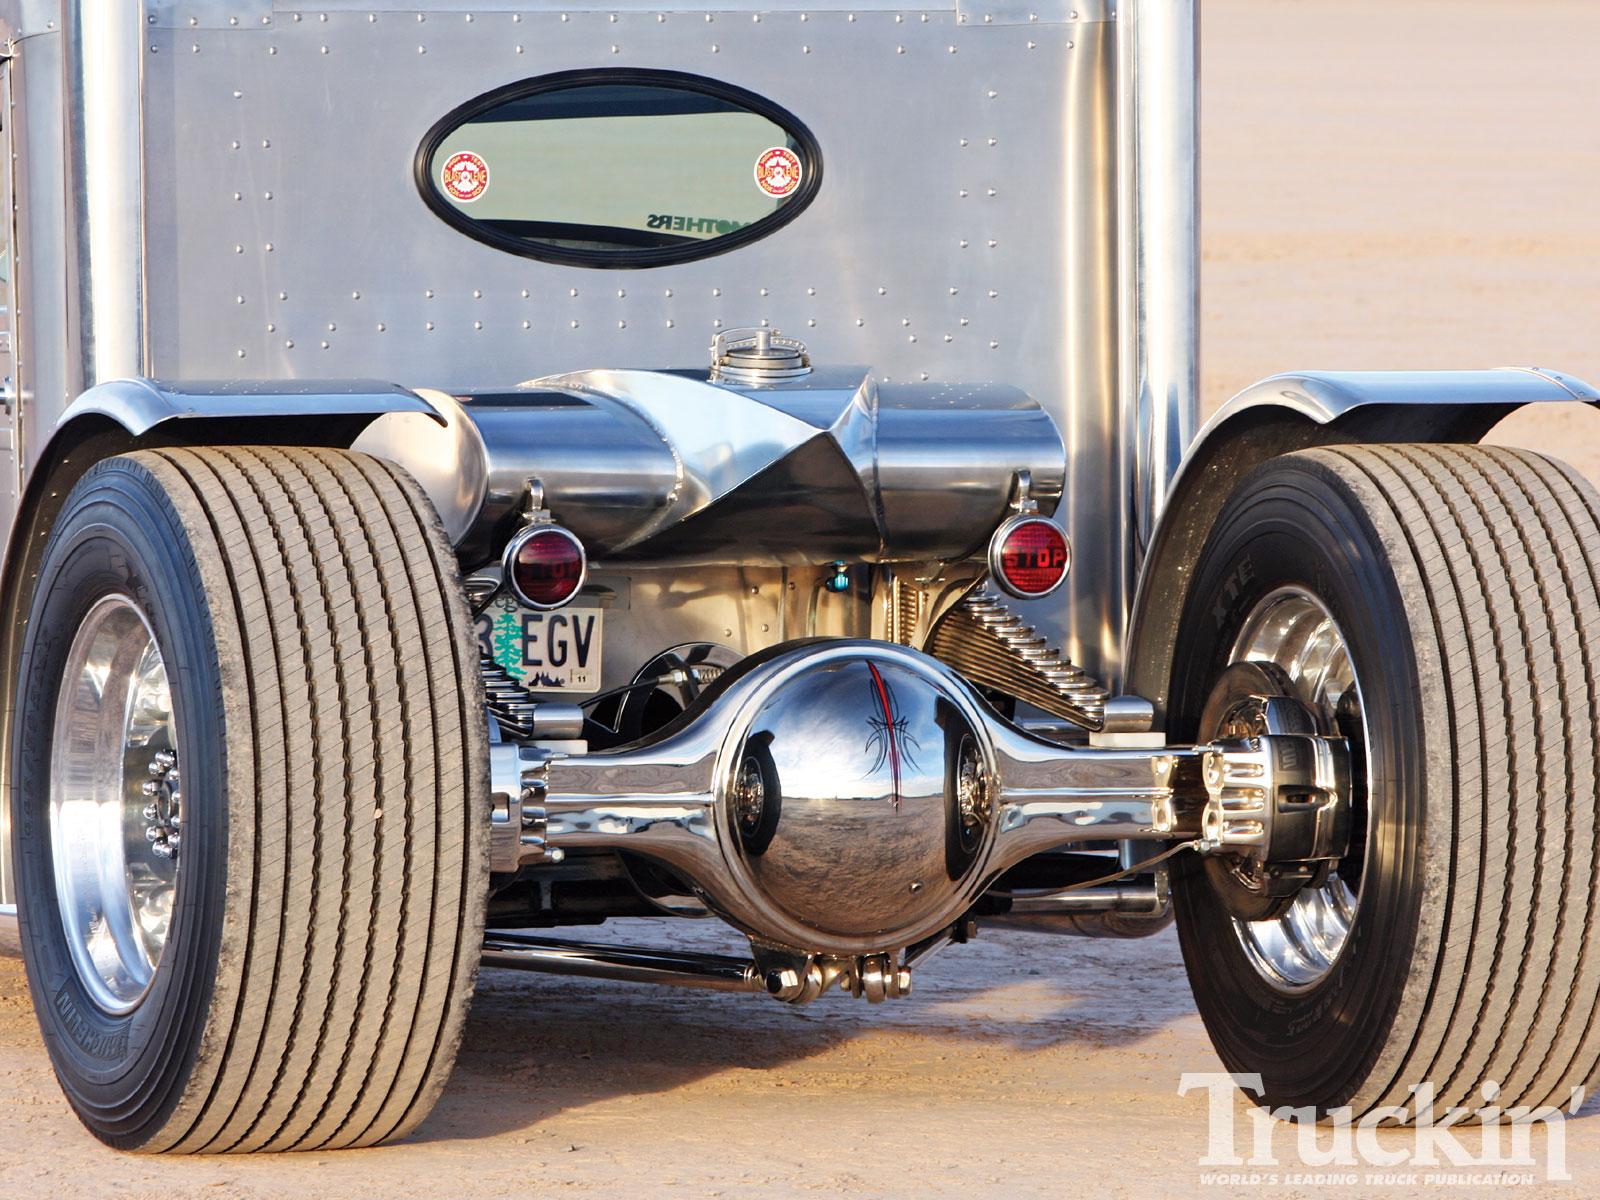 Peterbilt Hot Rod Truck 12v 71 Detroit Diesel Engine Truckin Magazine